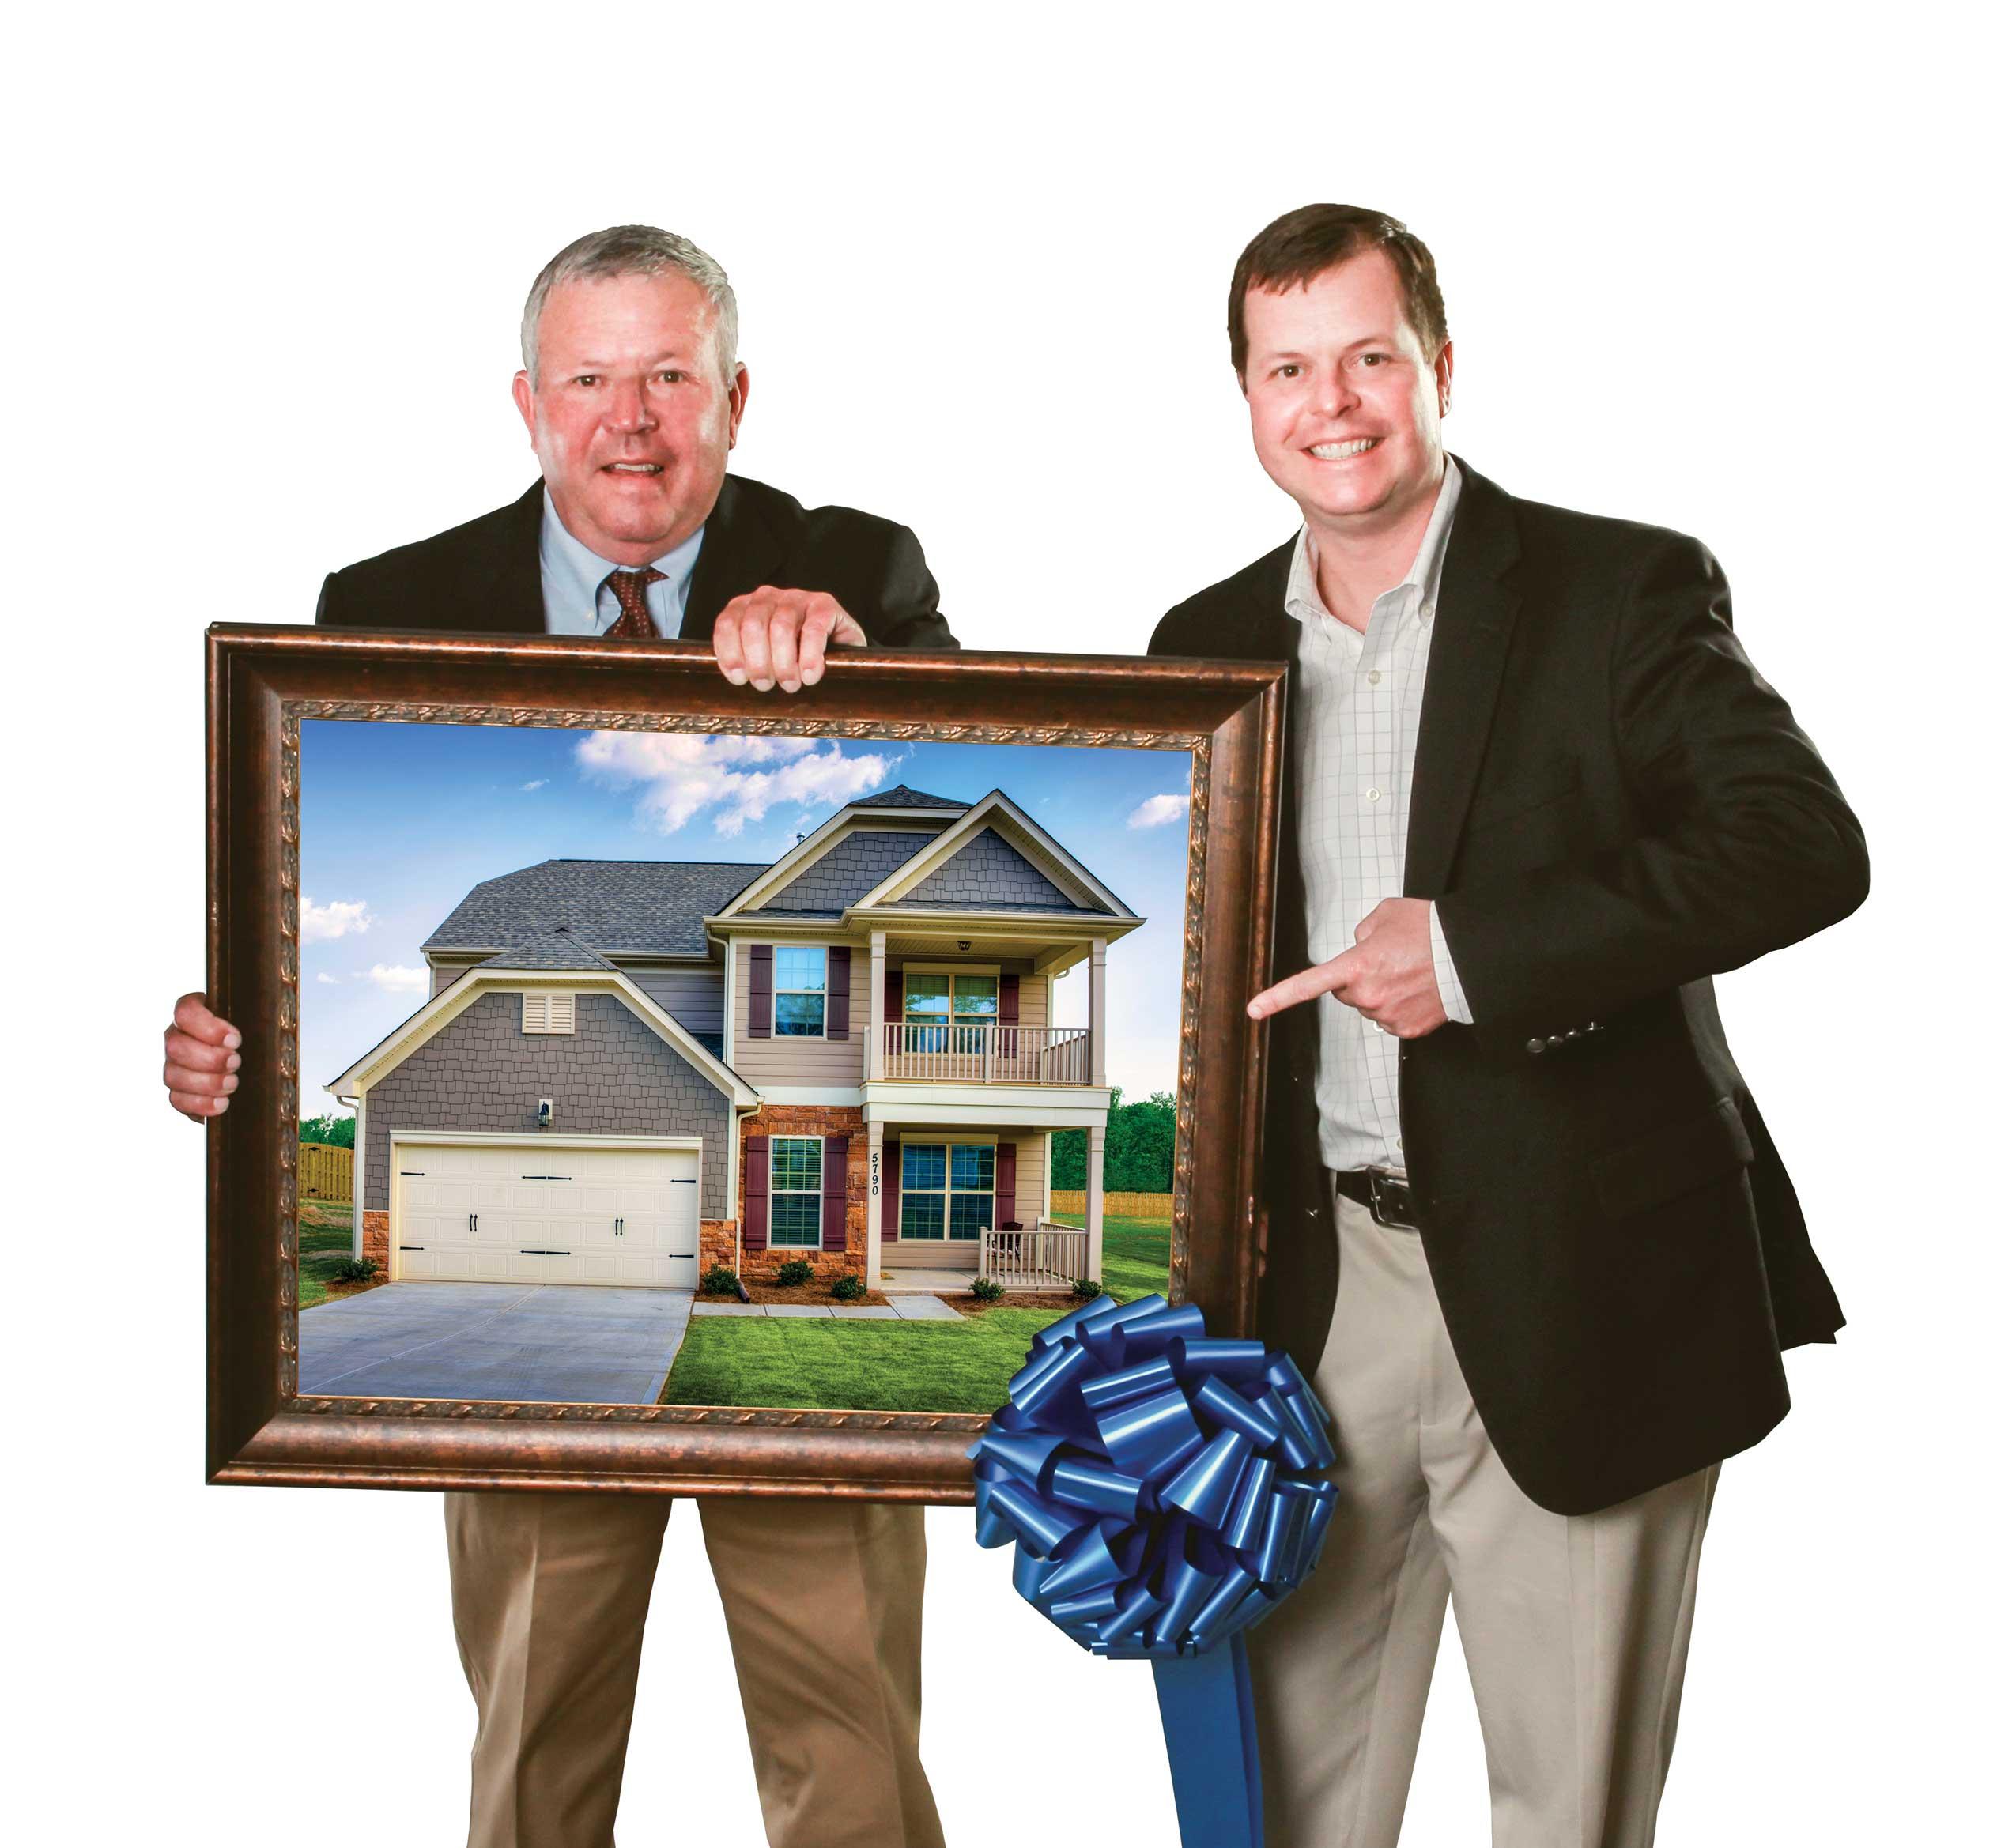 Owners Joe and Clark Stewart